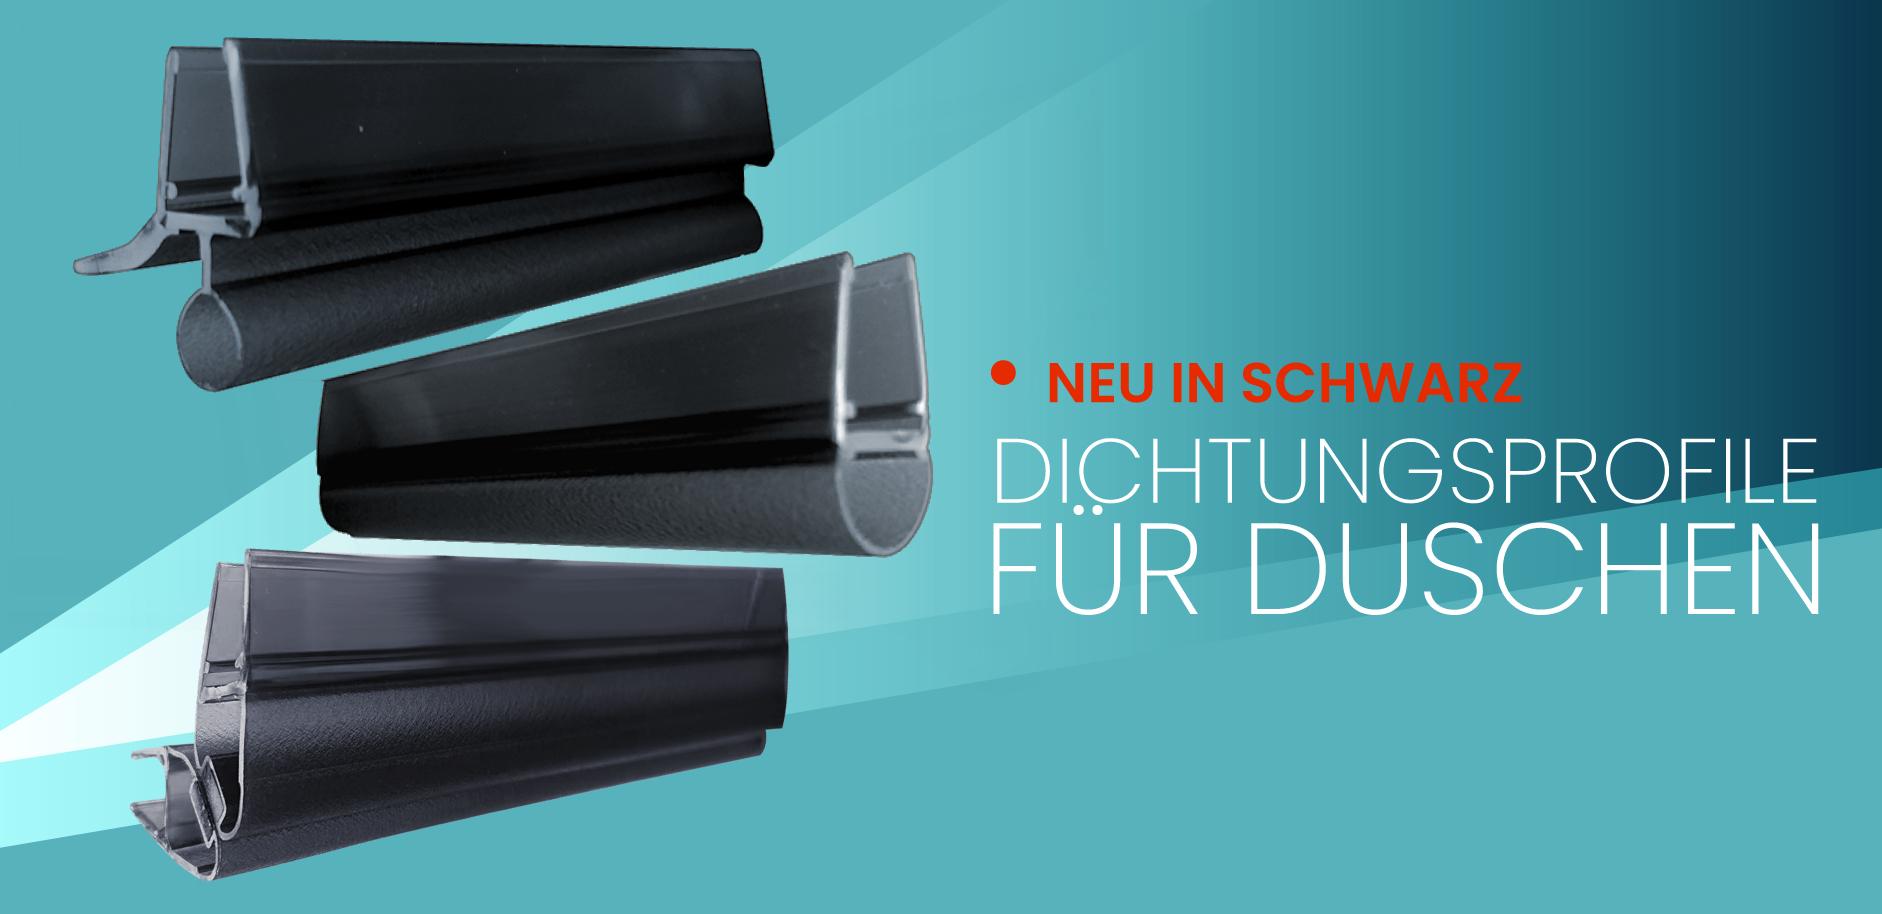 neu in schwarz dichtungprofile f r duschen. Black Bedroom Furniture Sets. Home Design Ideas